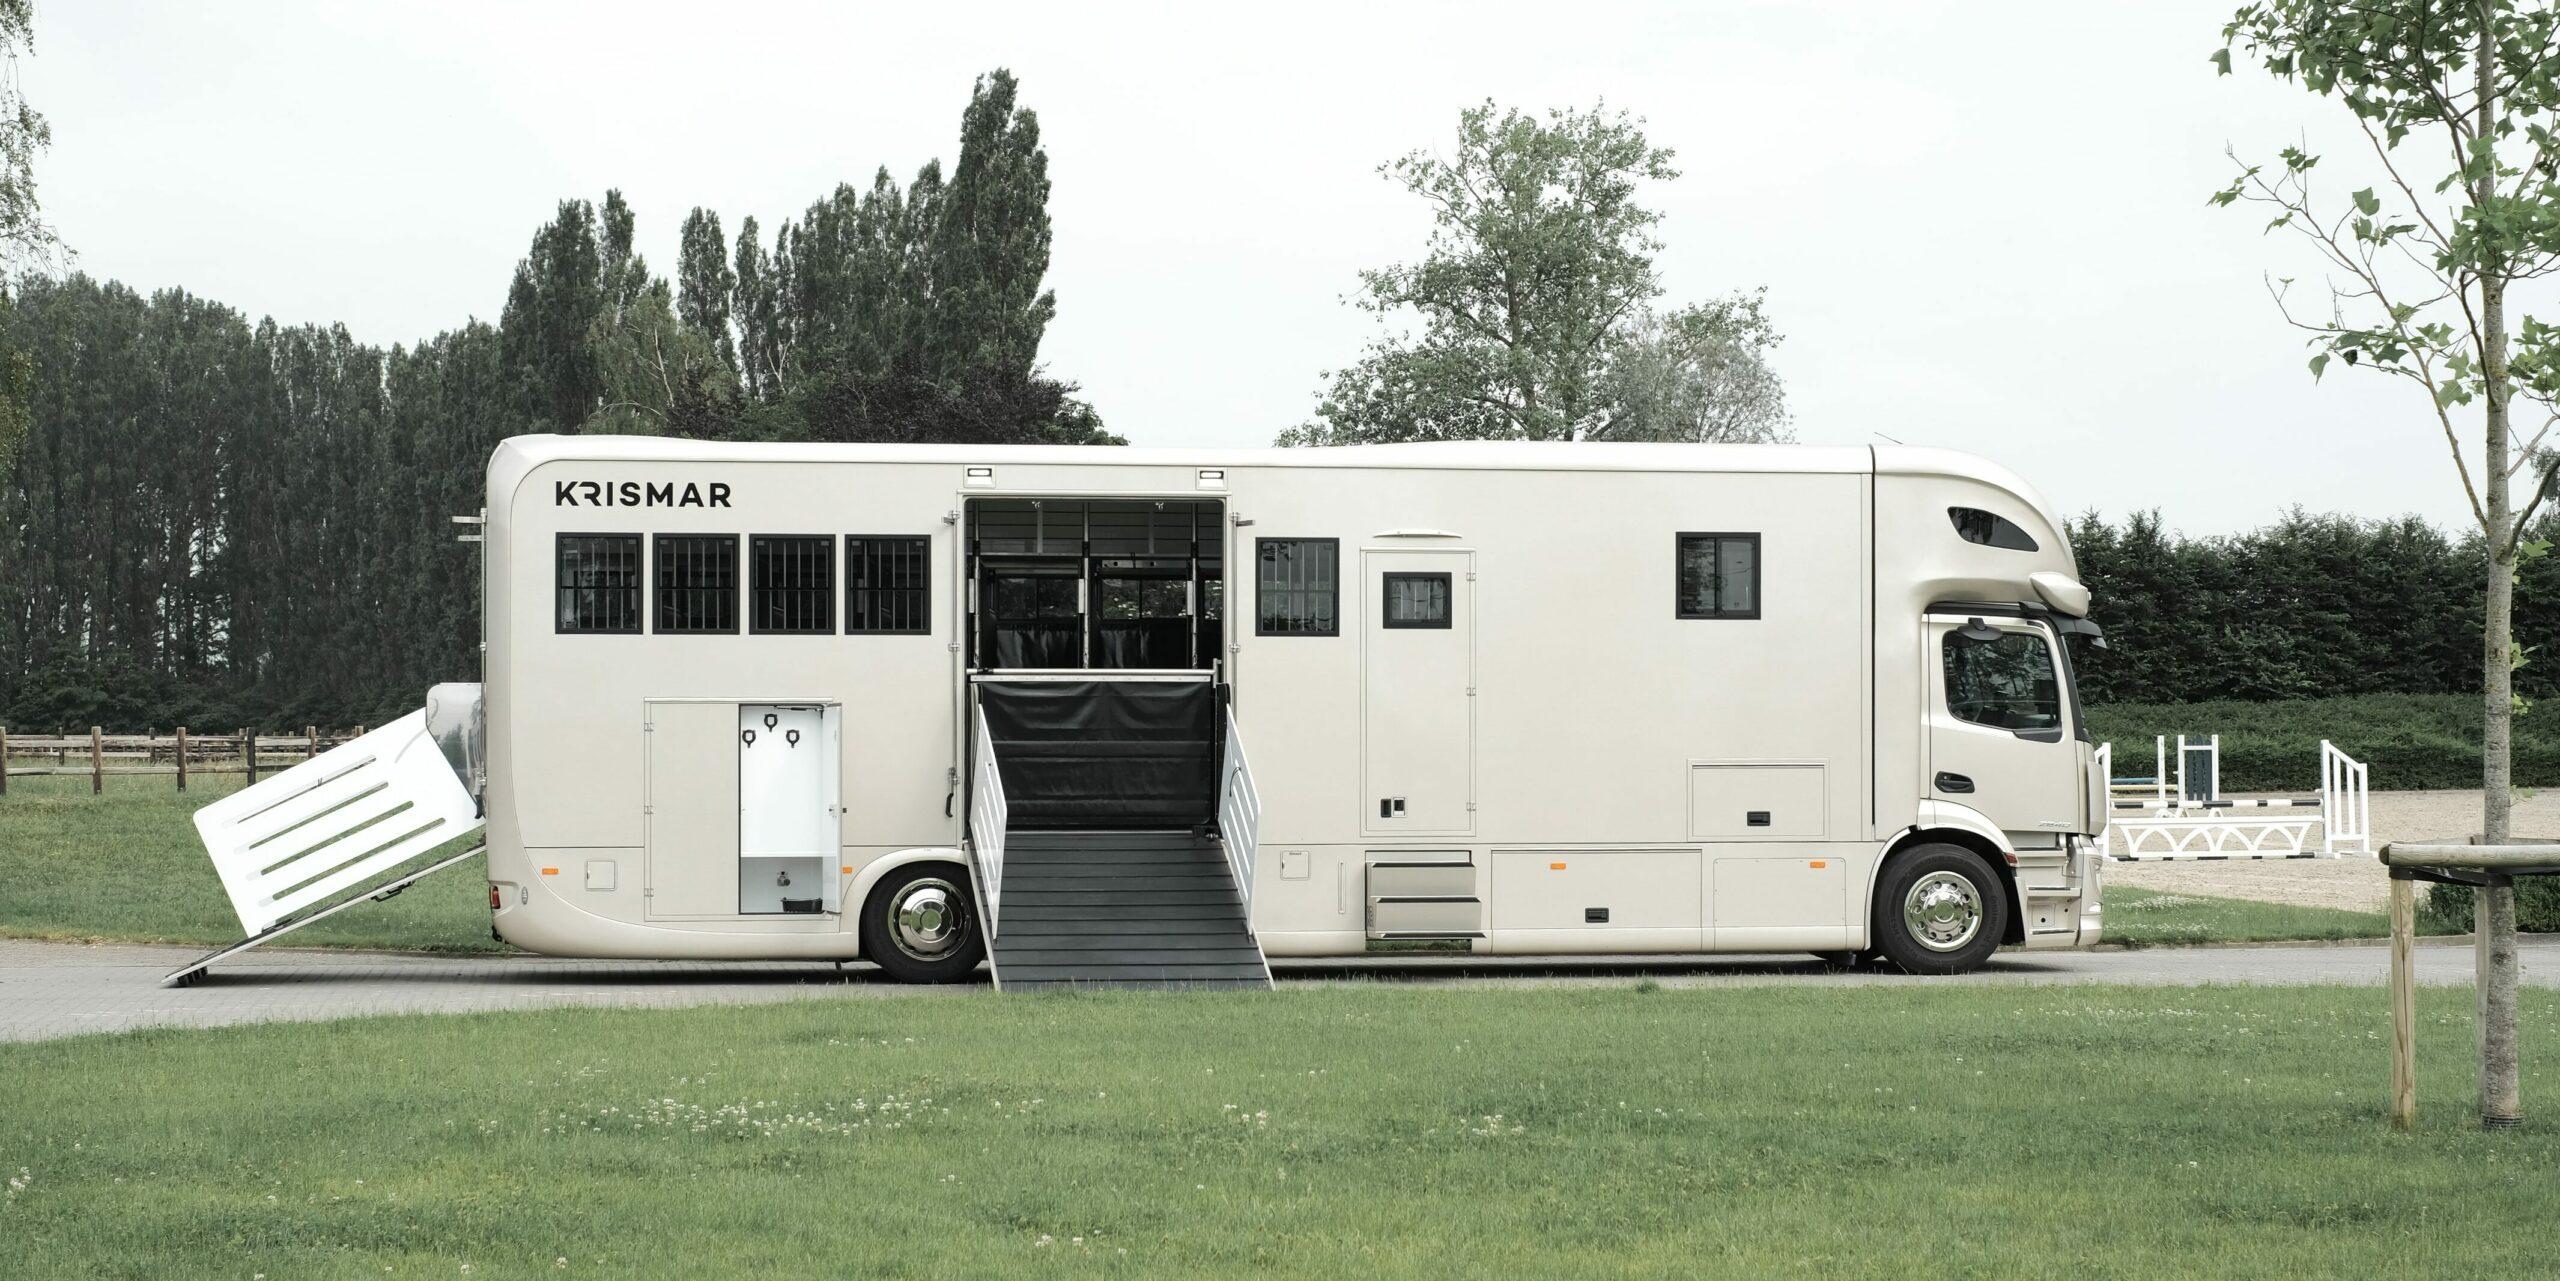 Krismar paardenvrachtwagen in beige kleur